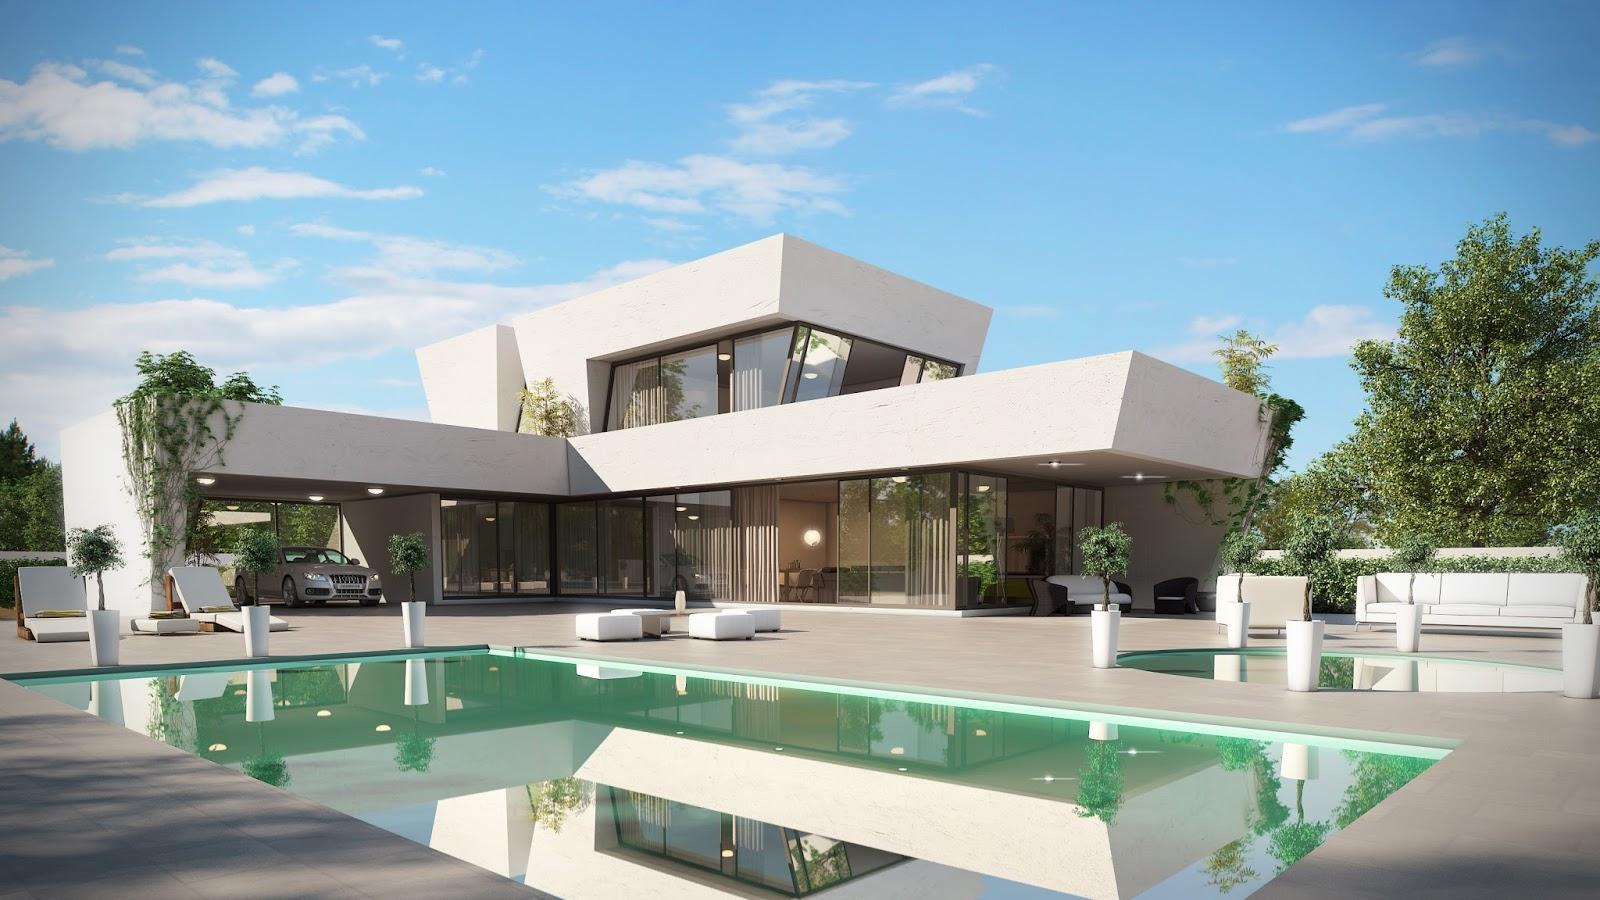 Adelante d dise o casas modernas casas ecoeficientes - Casas de madera diseno moderno ...